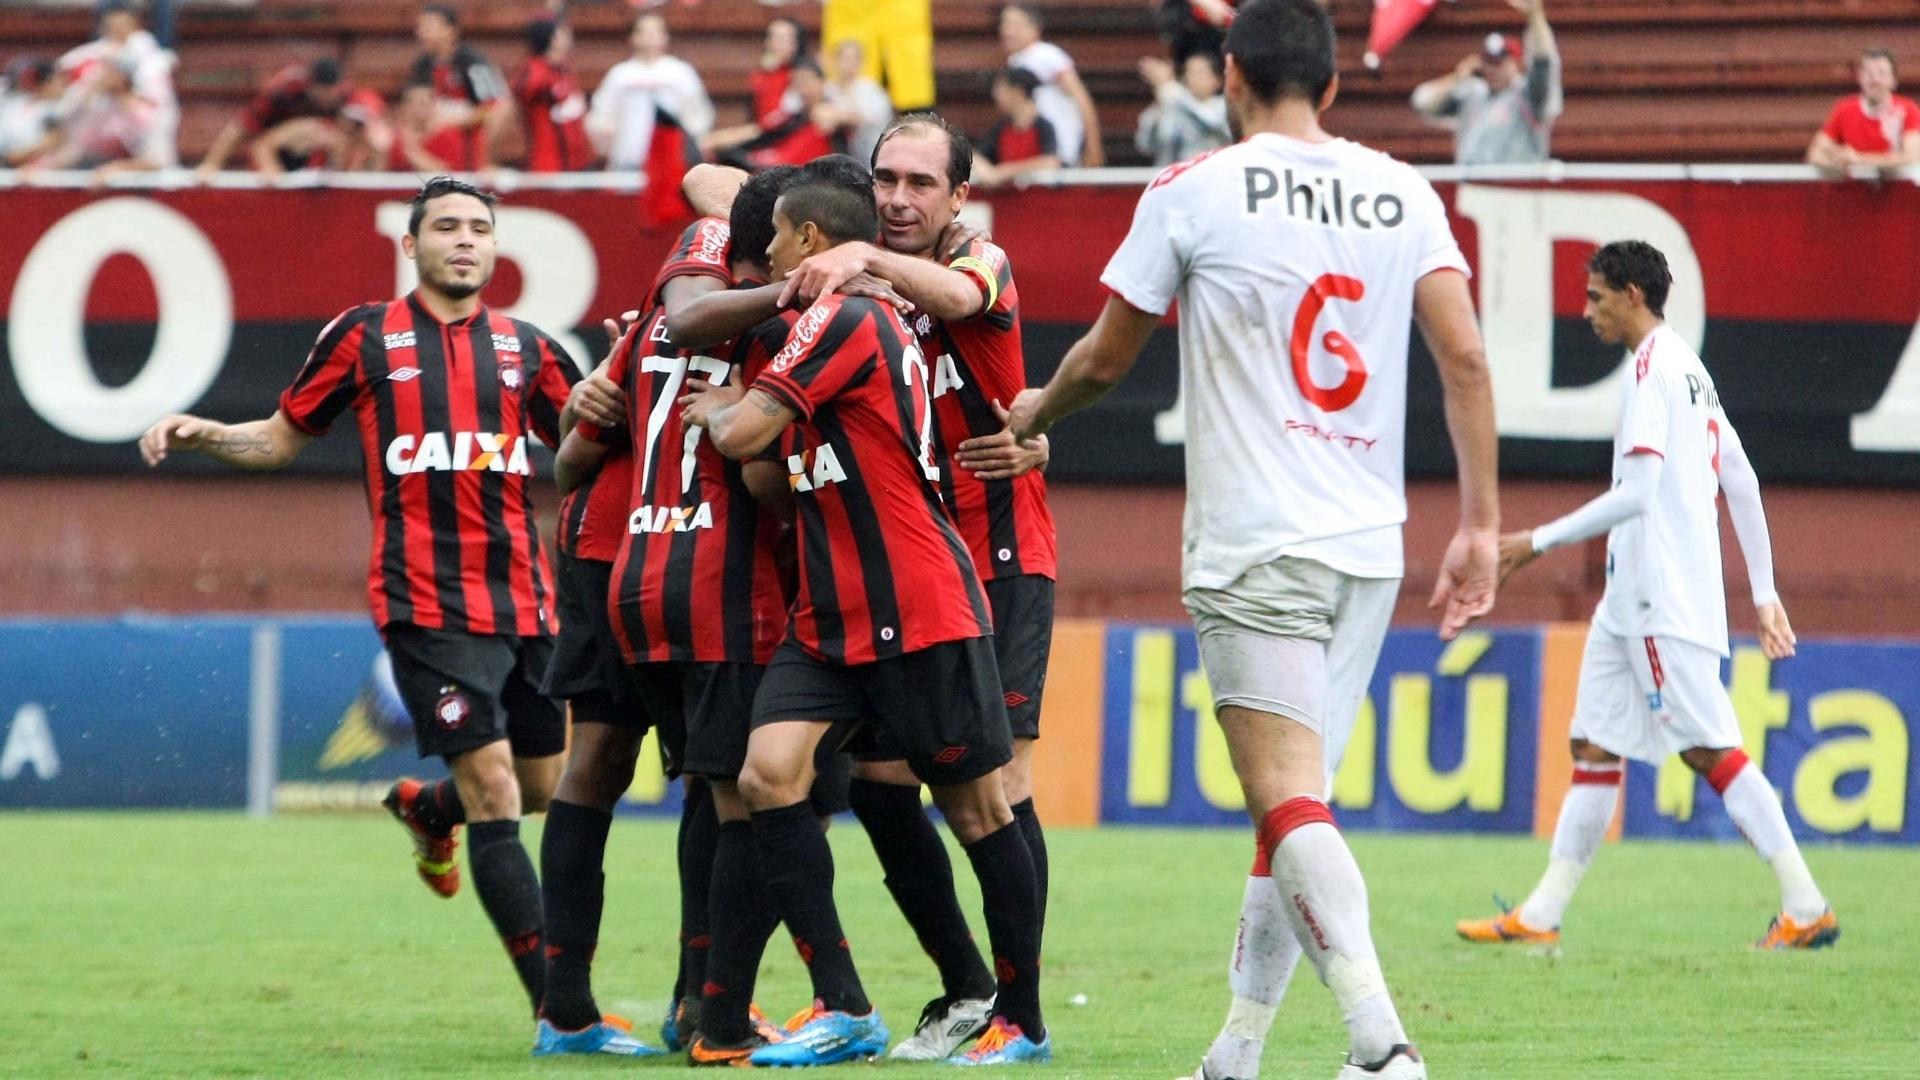 Jogadores do Atlético-PR comemoram gol na partida contra o Náutico (24.nov.2013)